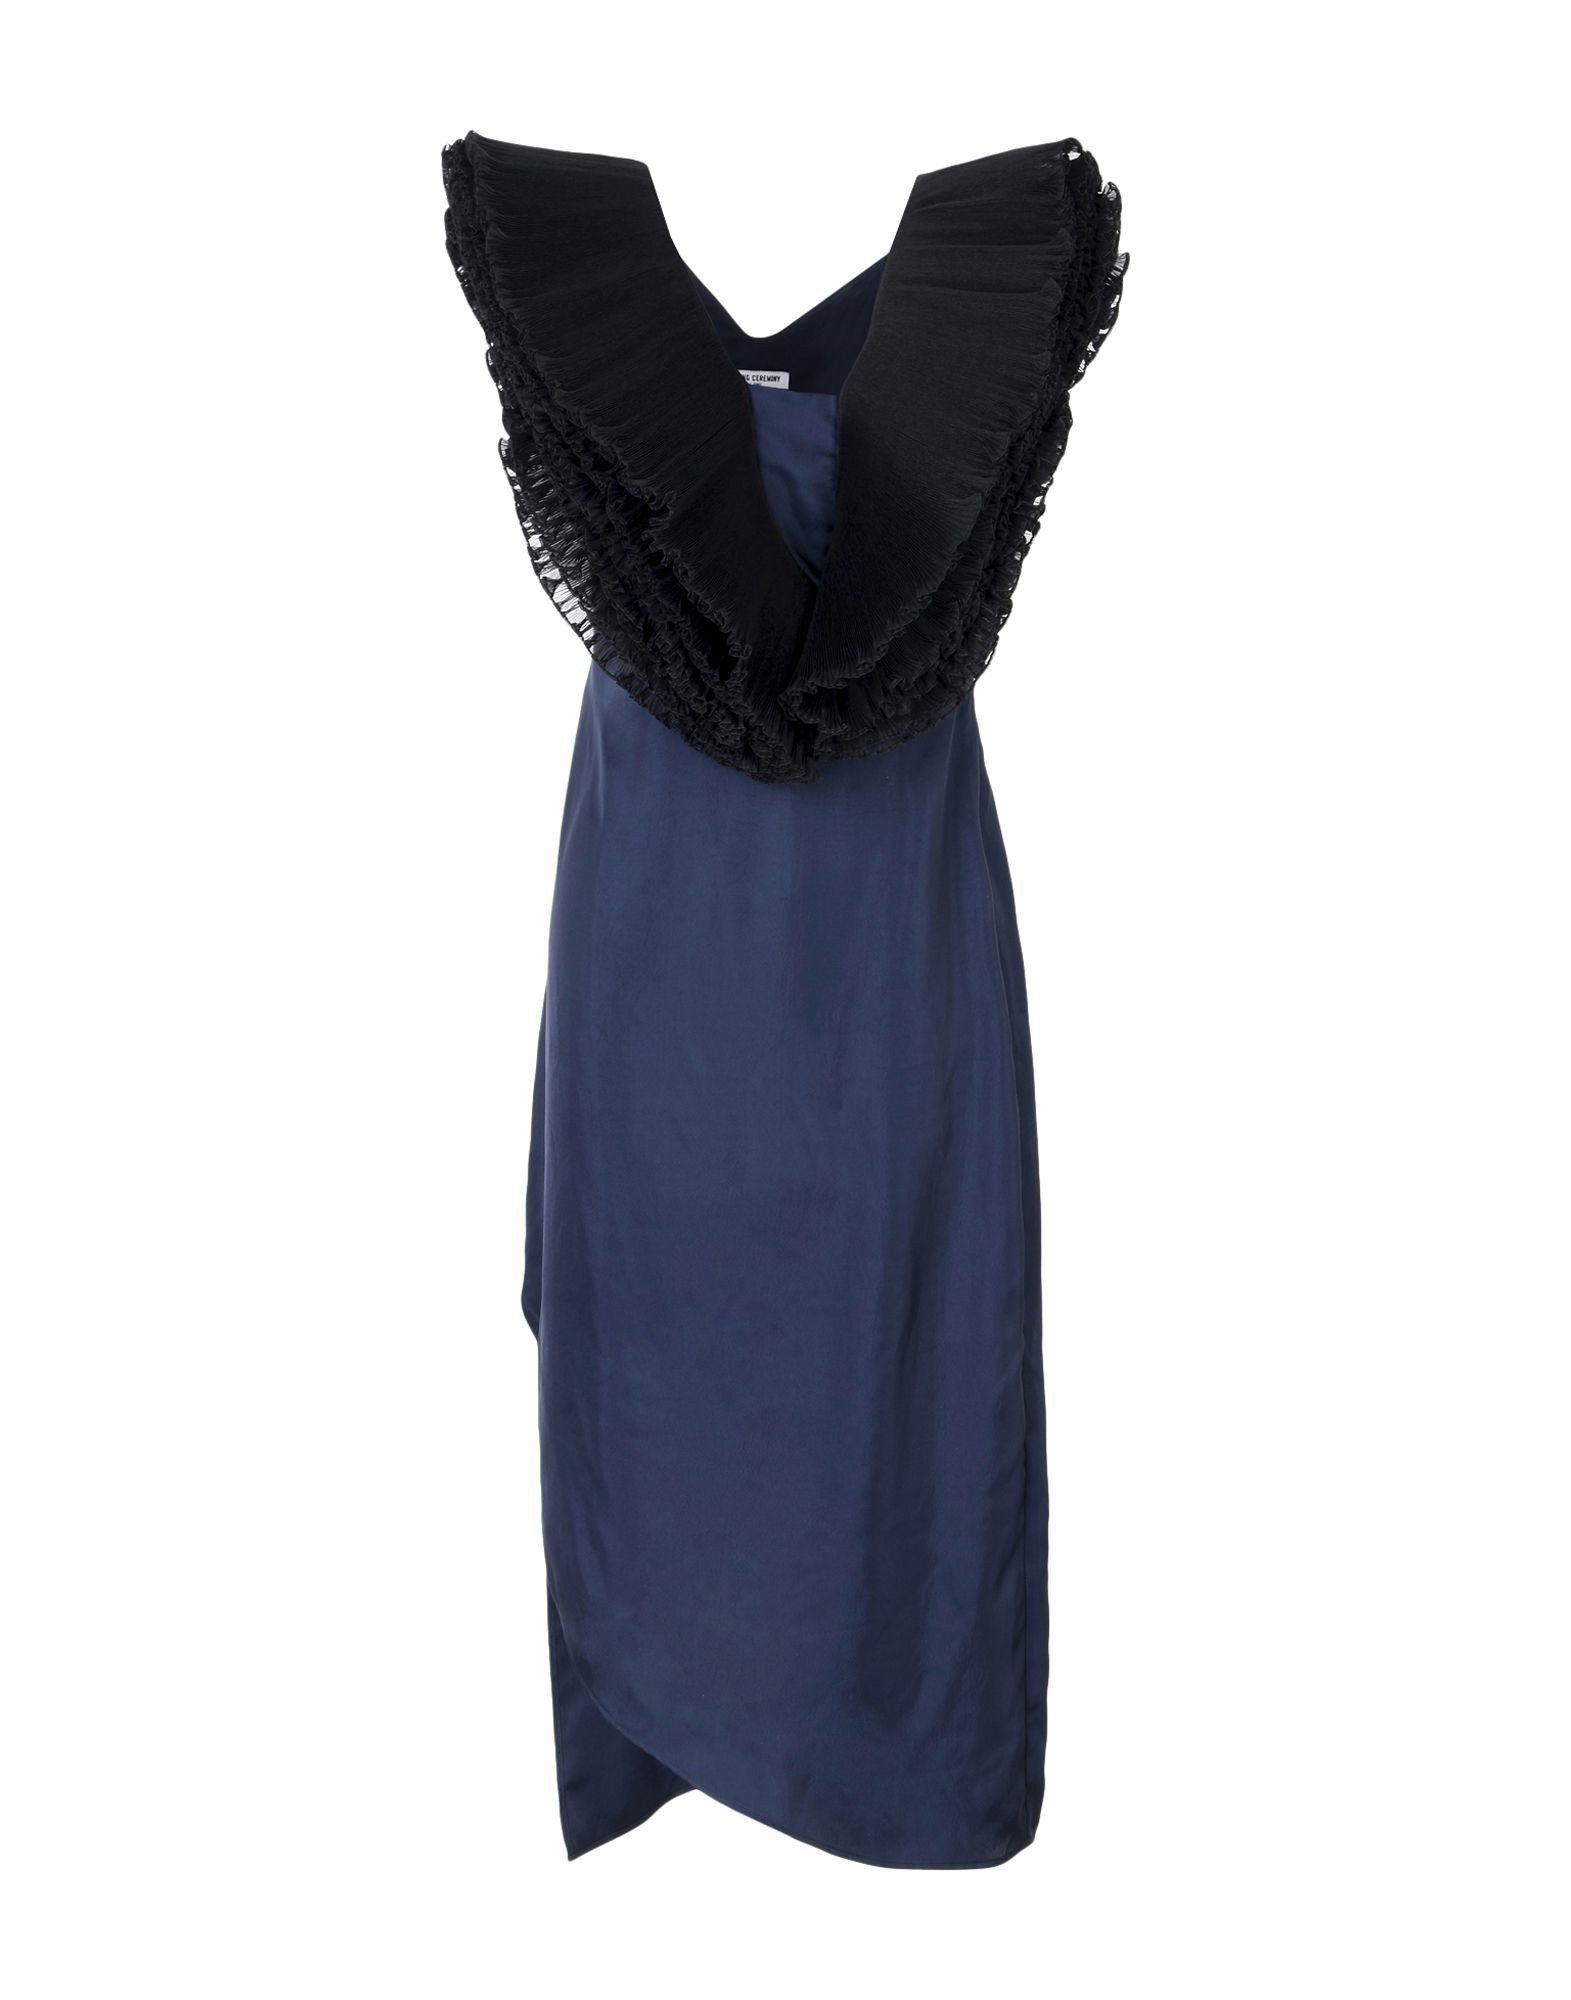 OPENING CEREMONY Damen Knielanges Kleid Farbe Dunkelblau Größe 2